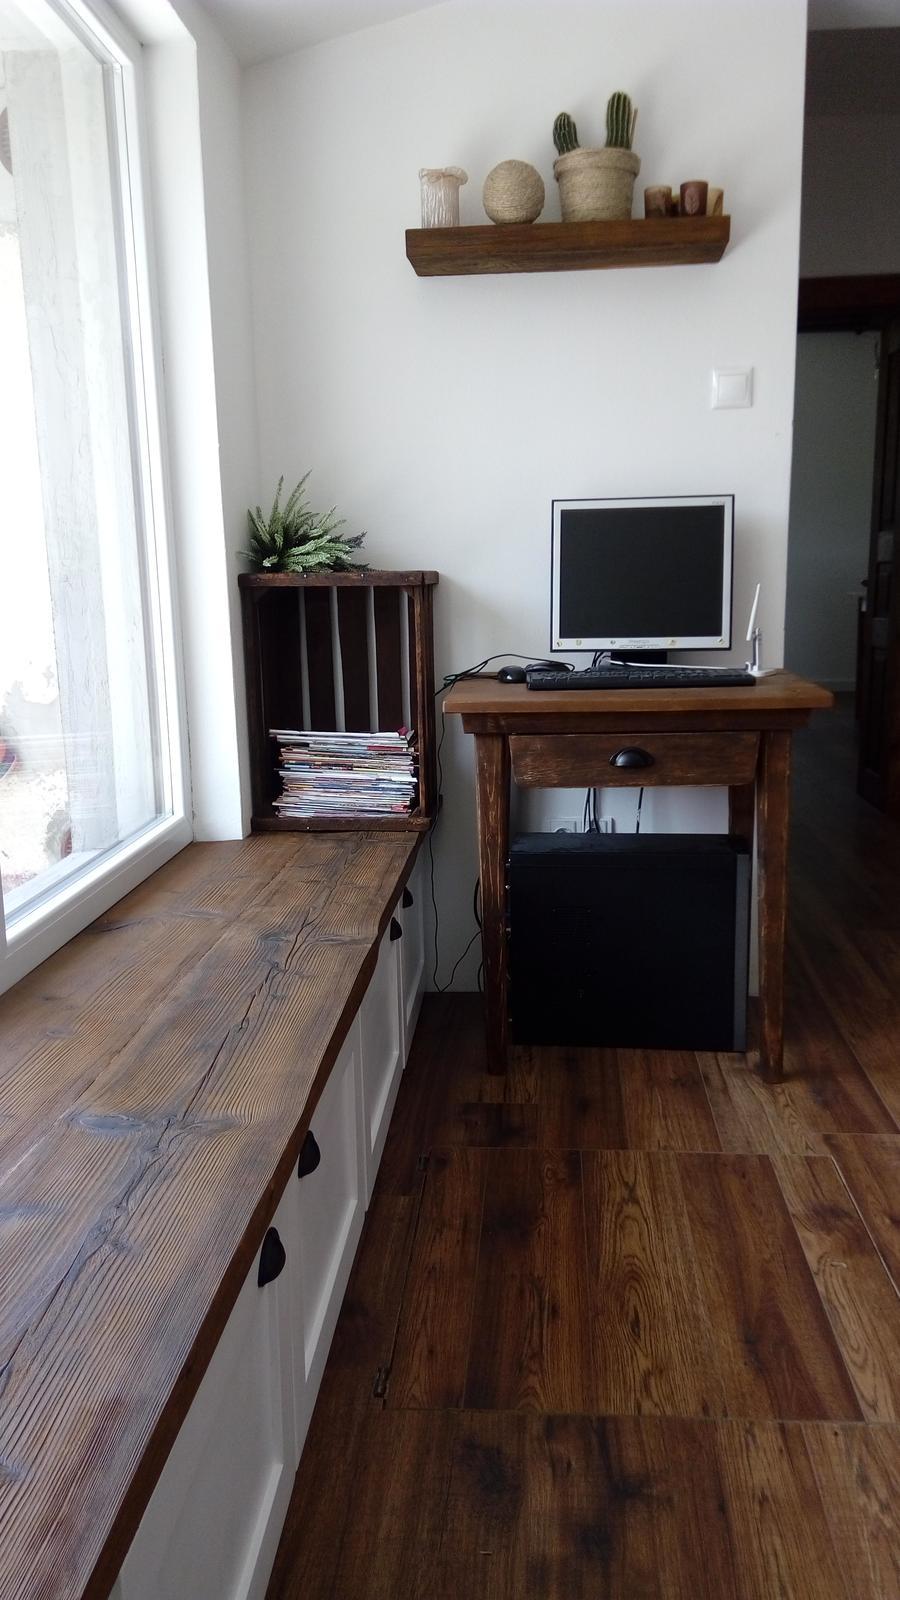 Domov - ešte stoličku....hľadám po bazaroch...ale takú aká by sa mne páčila, ešte asi nevyrobili :-D